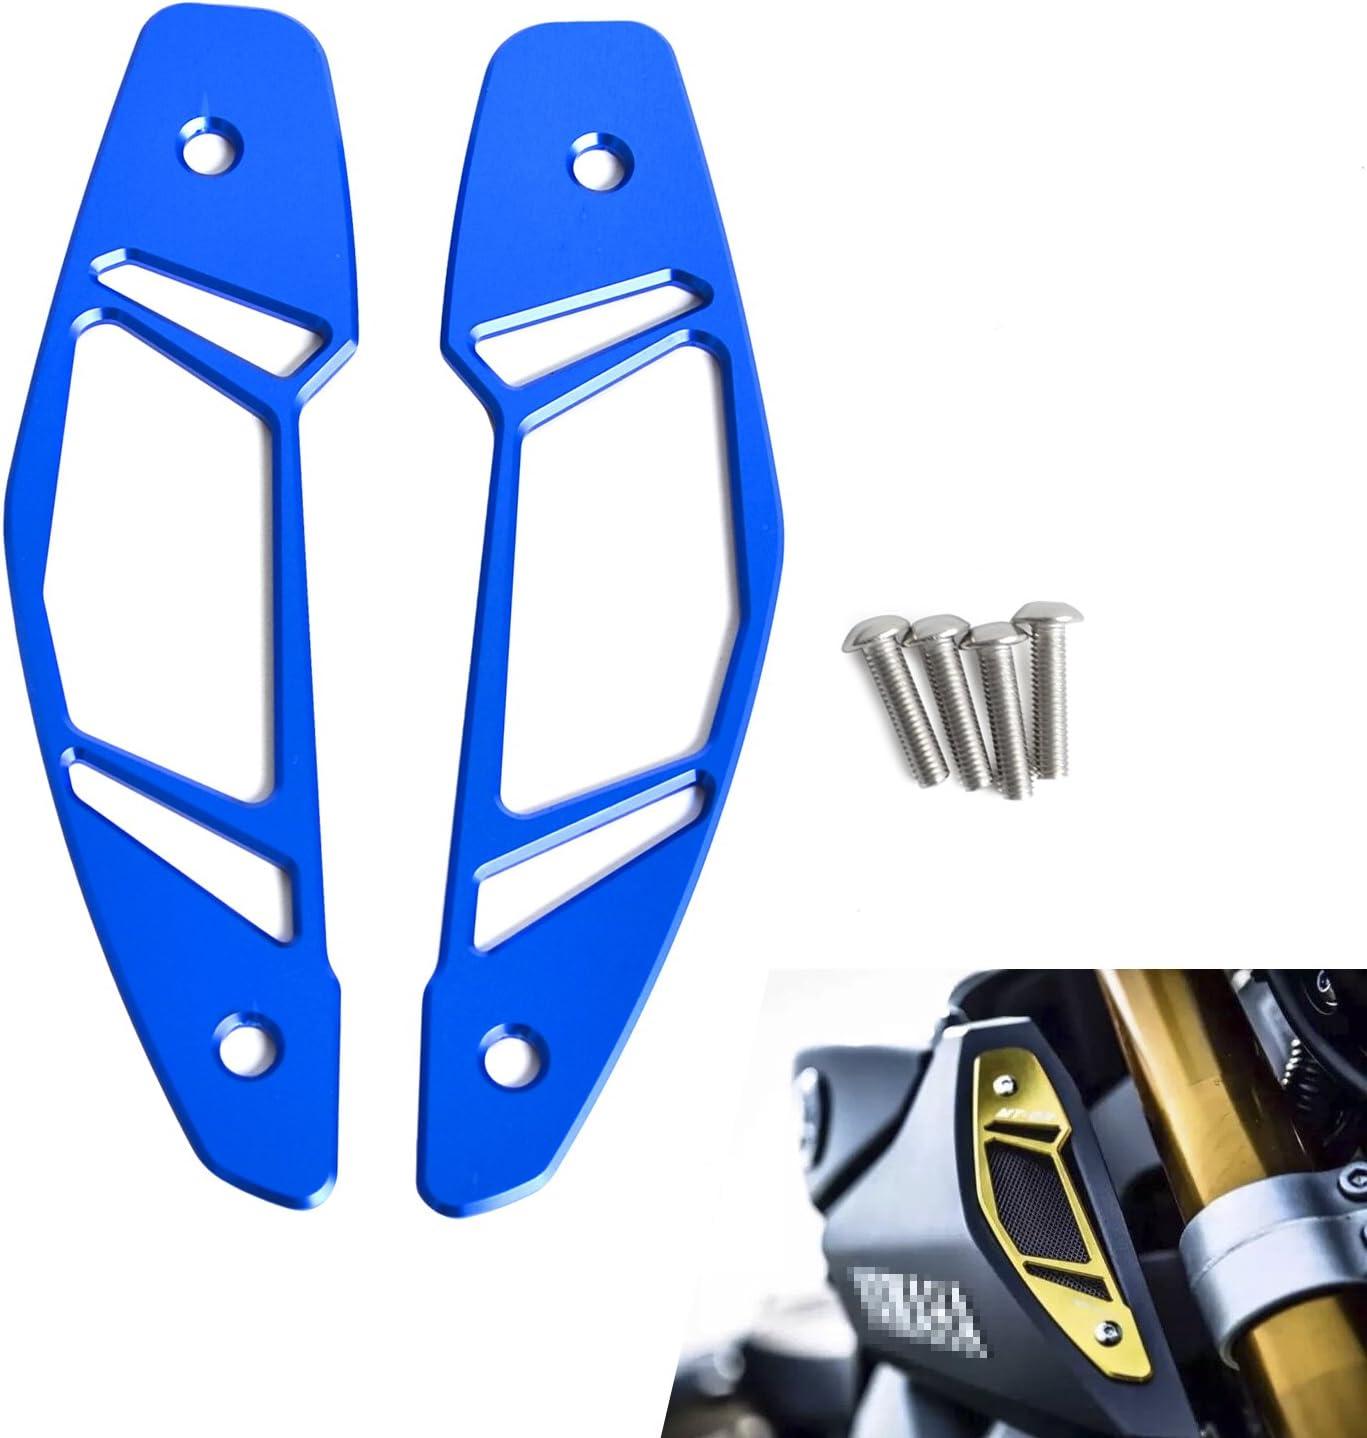 H2RACING Blau CNC Motorrad Air Intake Einlassschutz Abdeckung Schutz f/ür MT-09 FZ-09 RN29 2013 2014 2015 2016